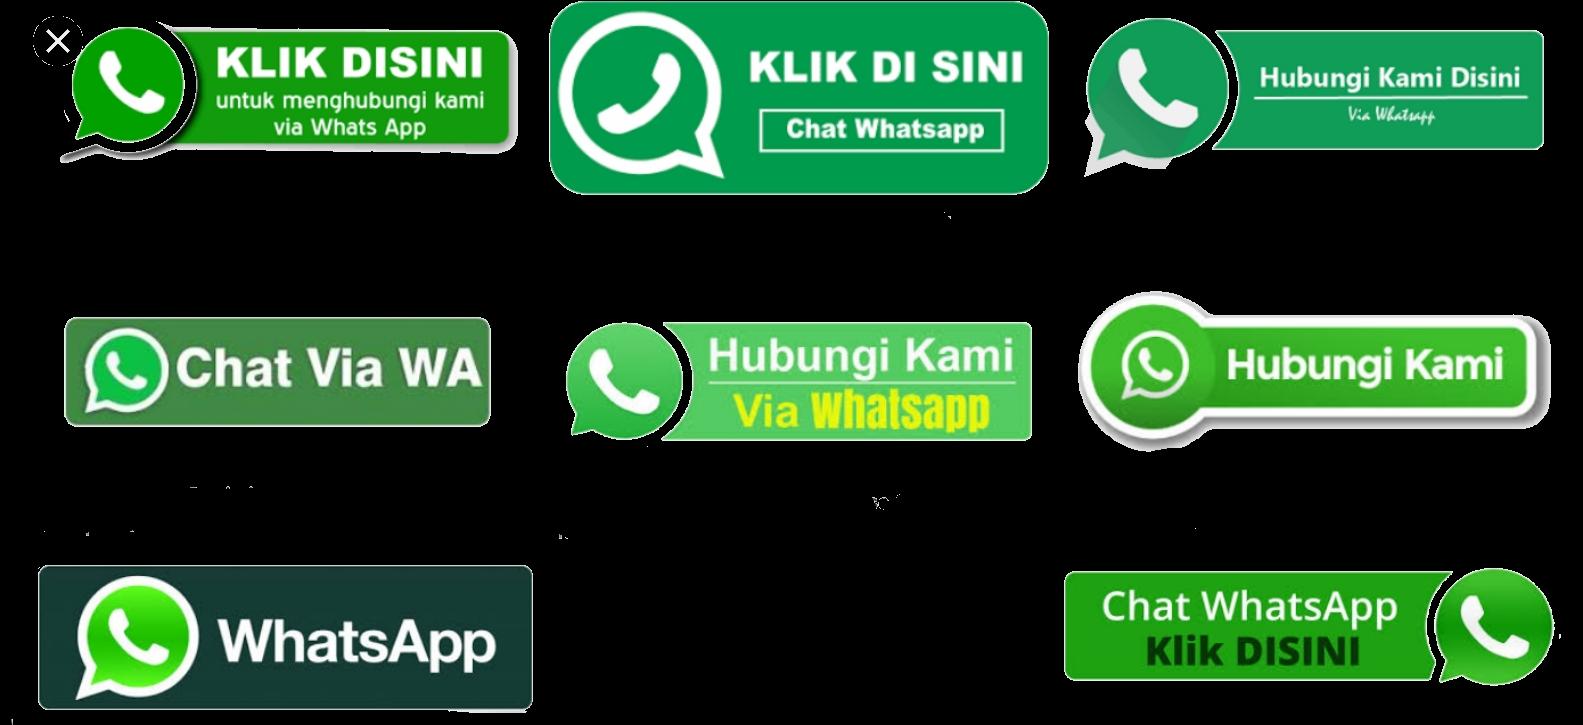 Membuat Chat Whatsapp